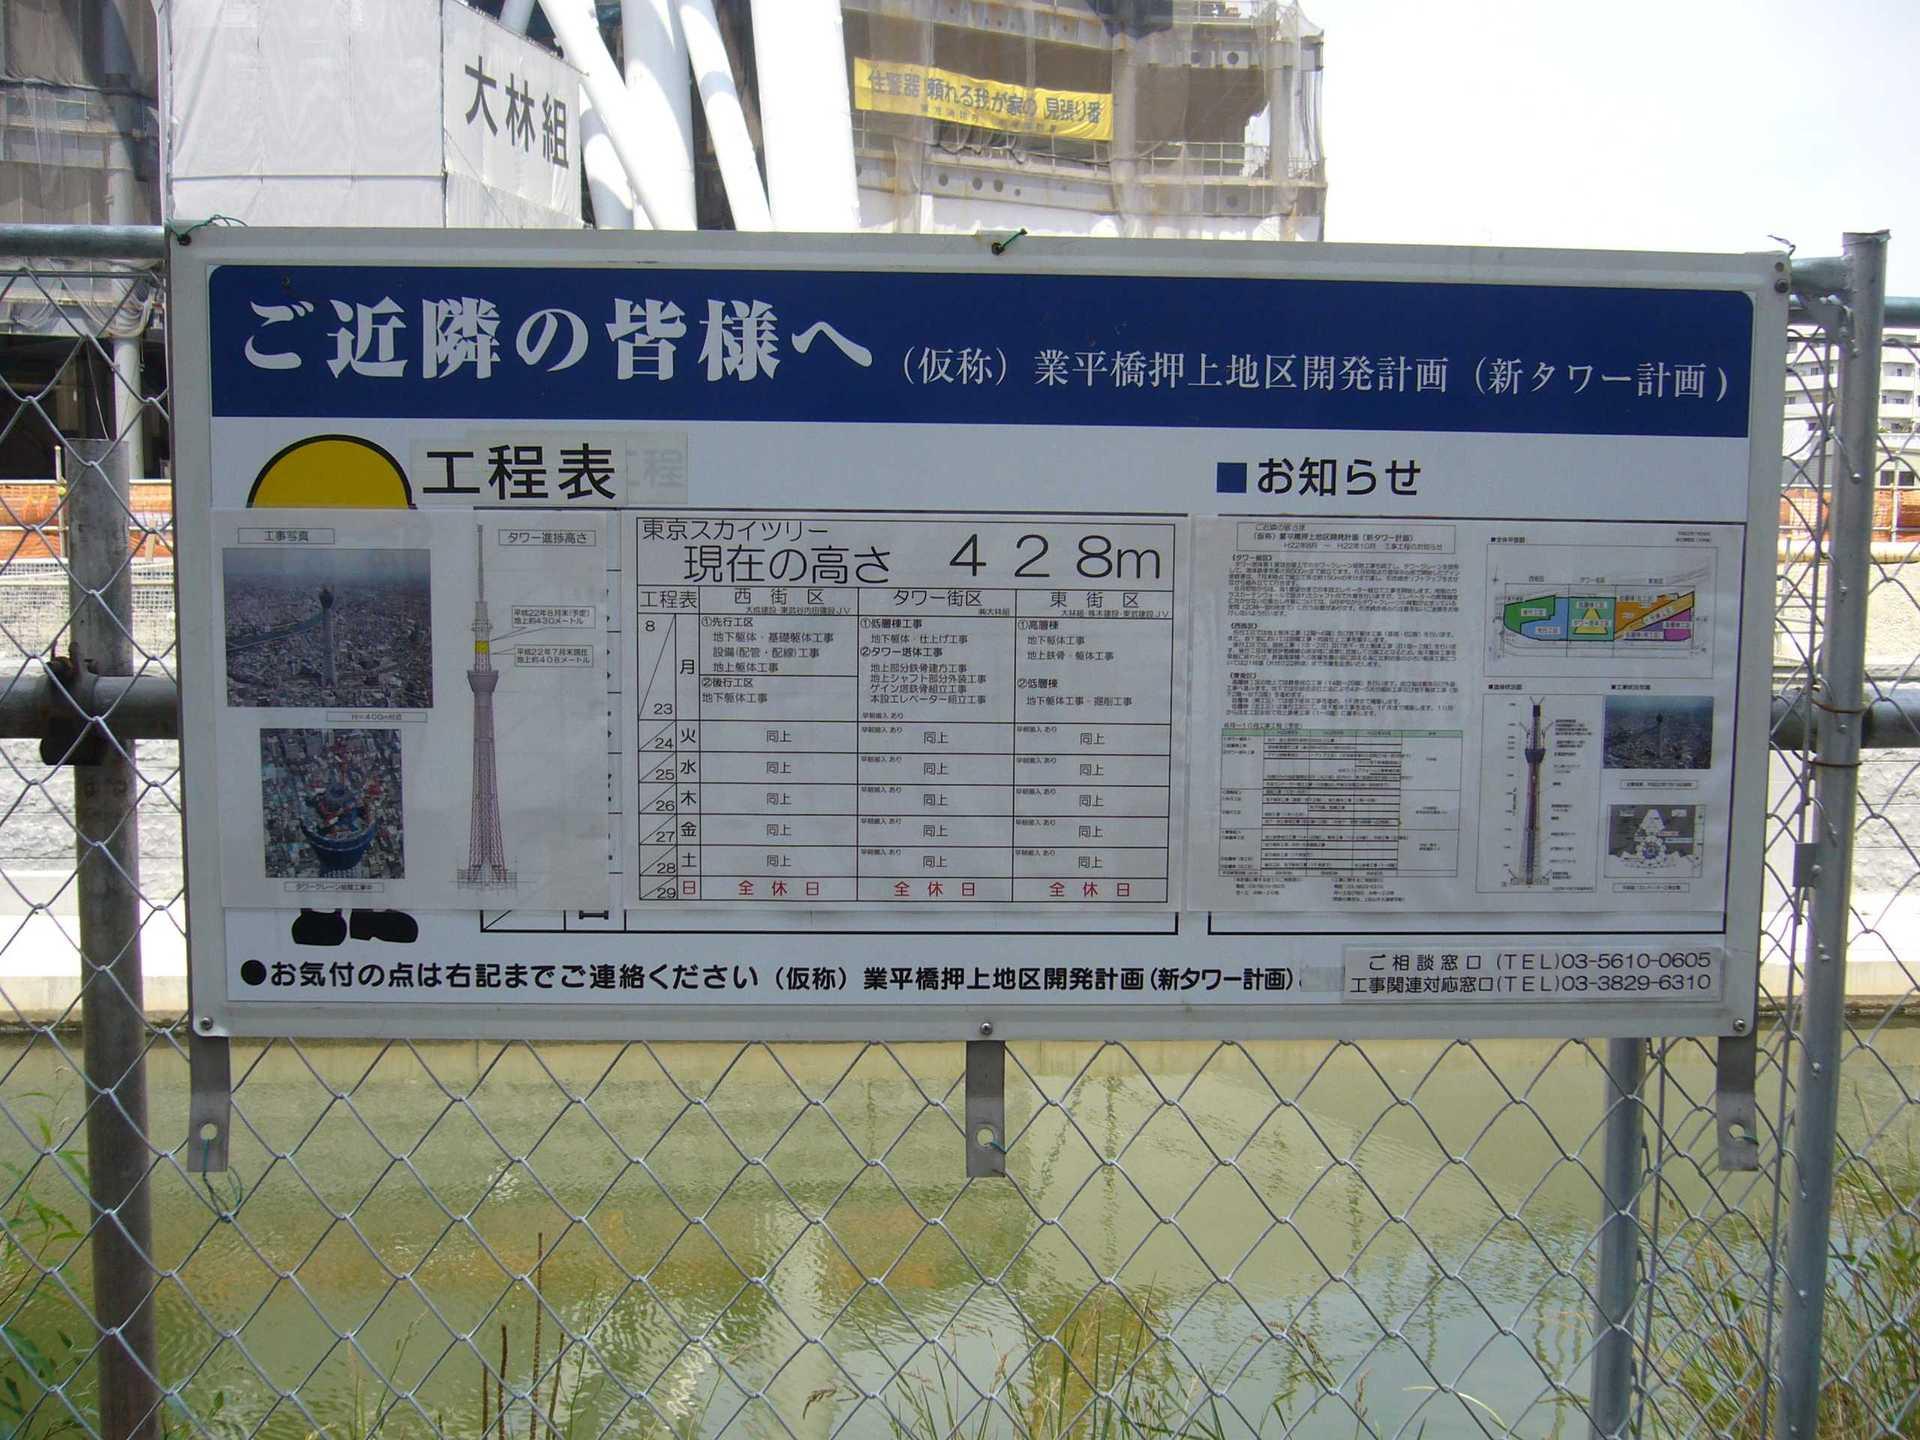 東京スカイツリー建設情報